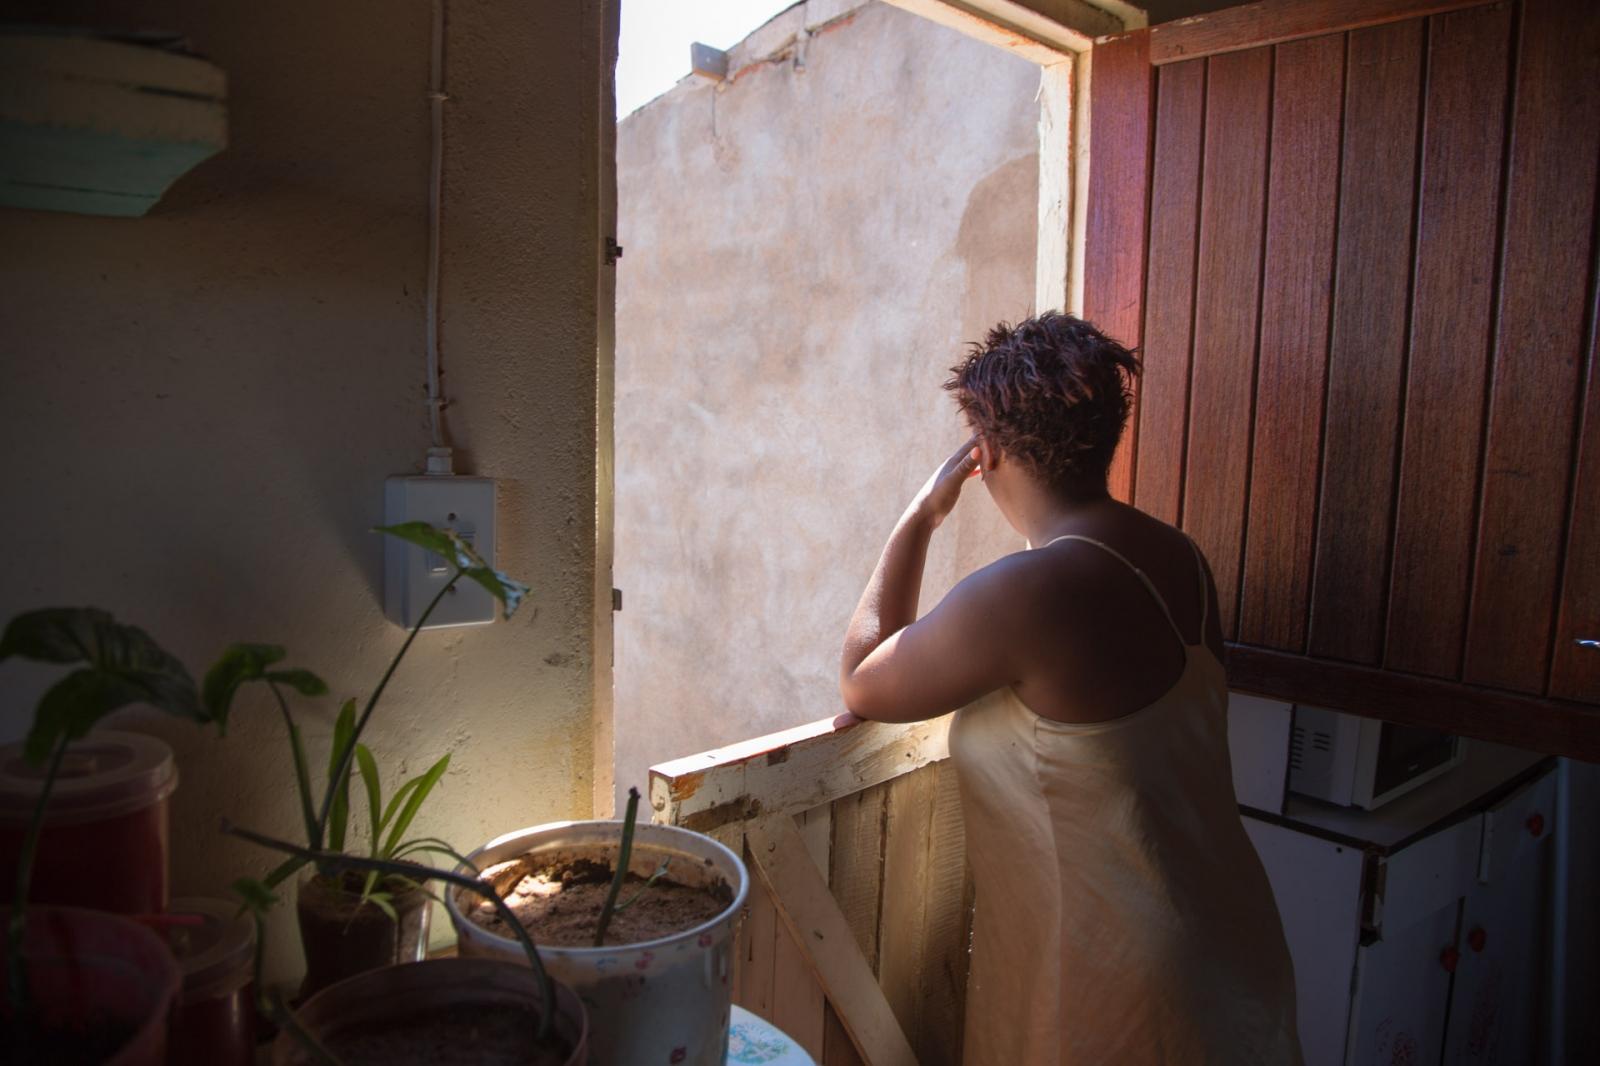 Art and Documentary Photography - Loading Nathalie_Bertrams_die.kas_01.jpg